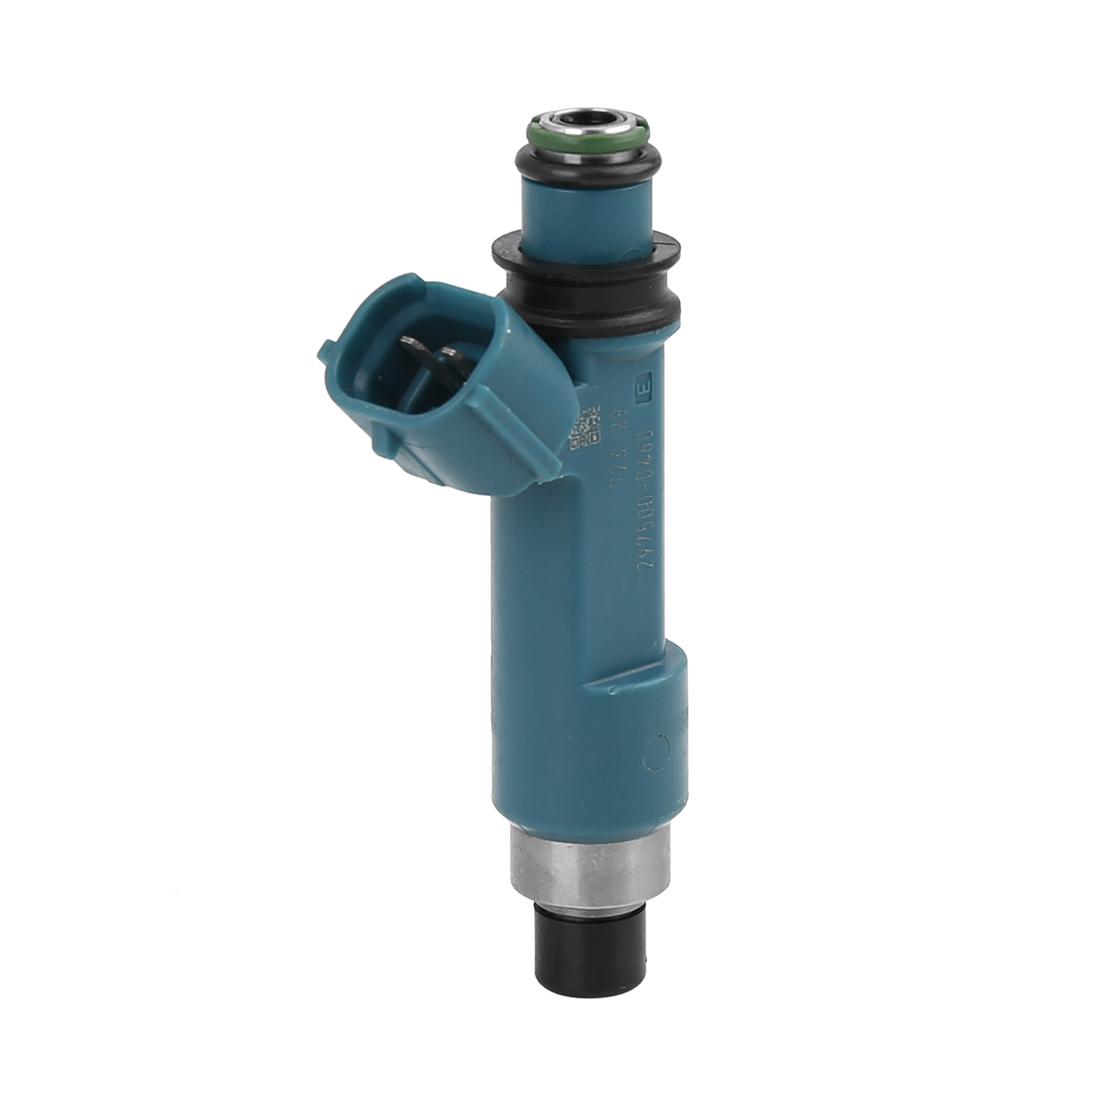 Fuel Injector ZJ20-13-250 ZYE9-13-250 297500-0460 DC 12V for 2011-2014 Mazda 2